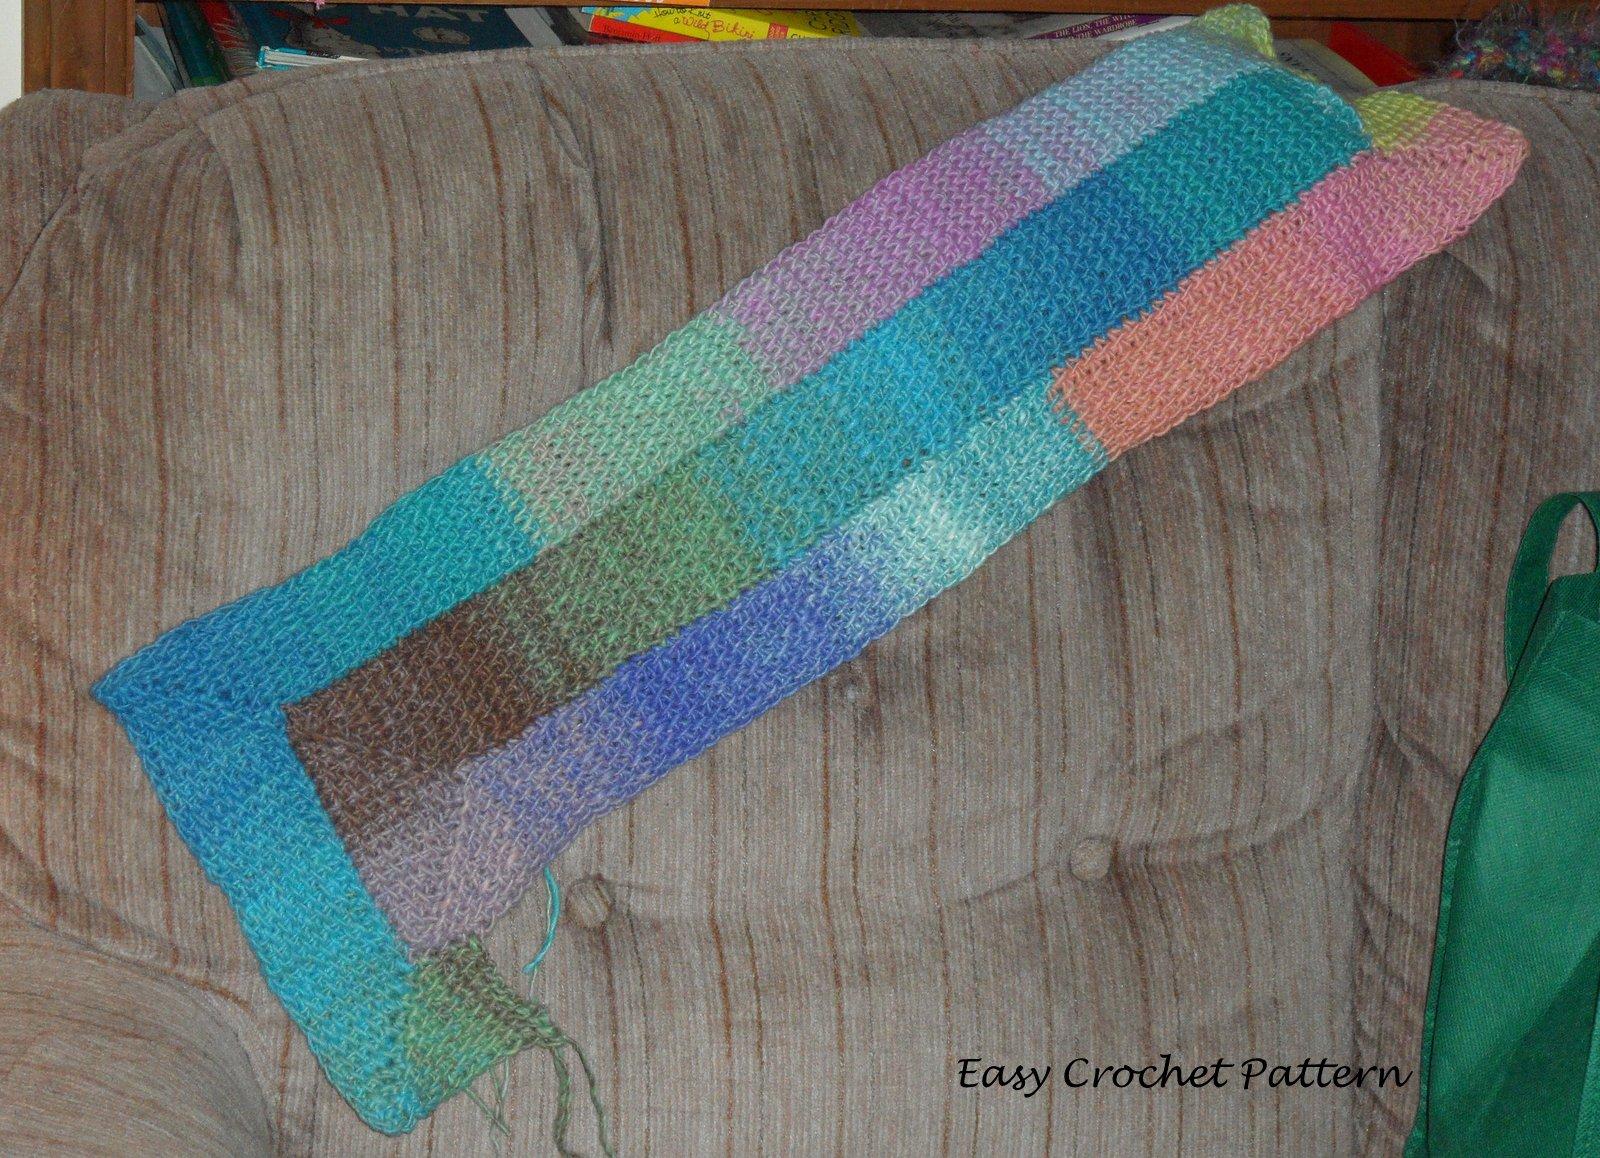 Easy Crochet Pattern Tunisian Crochet Afghan